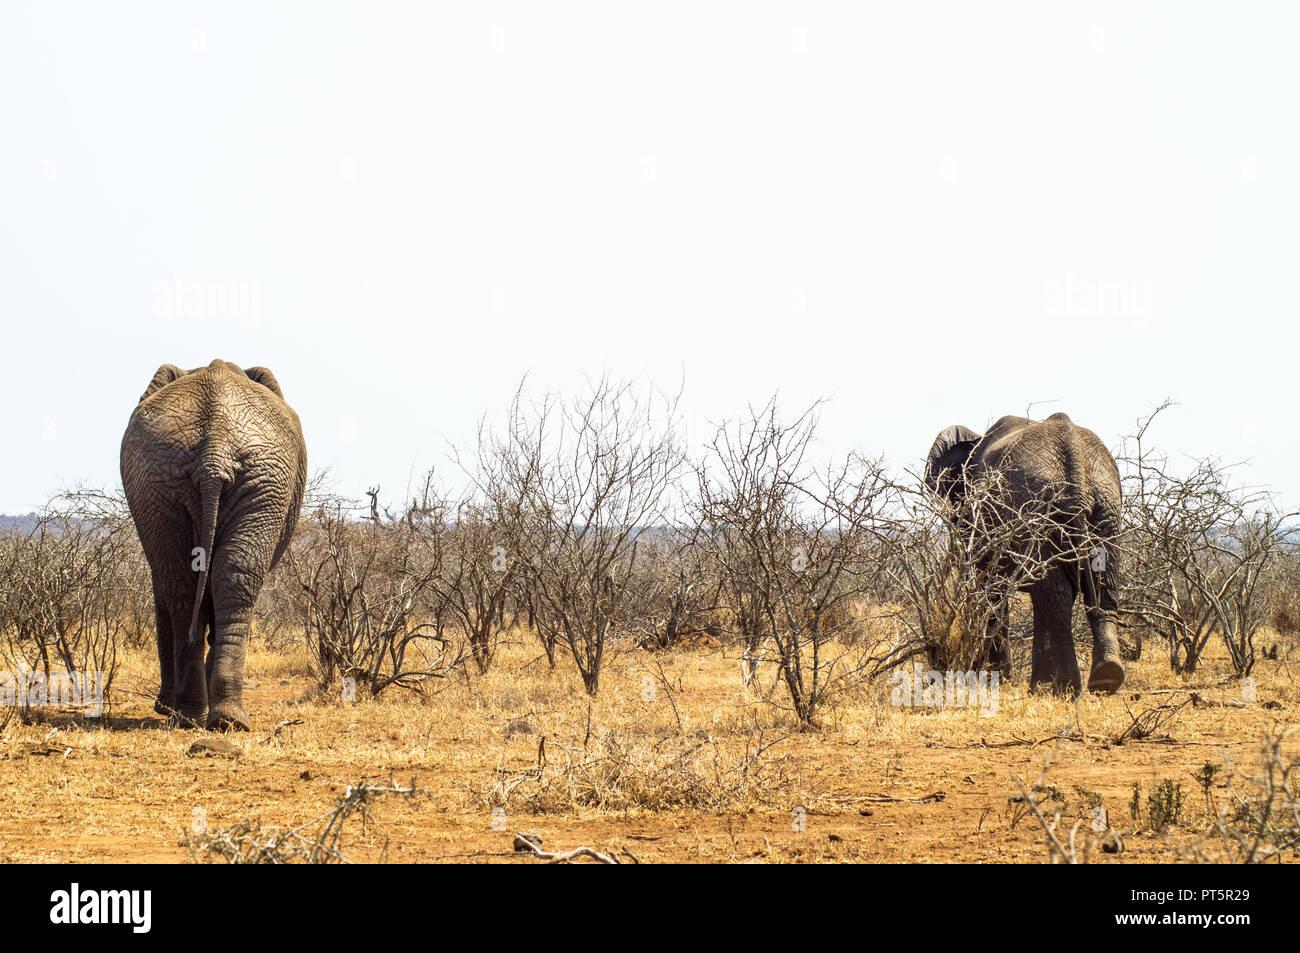 South Africa - Kruger National Park - Big 5 - Stock Image